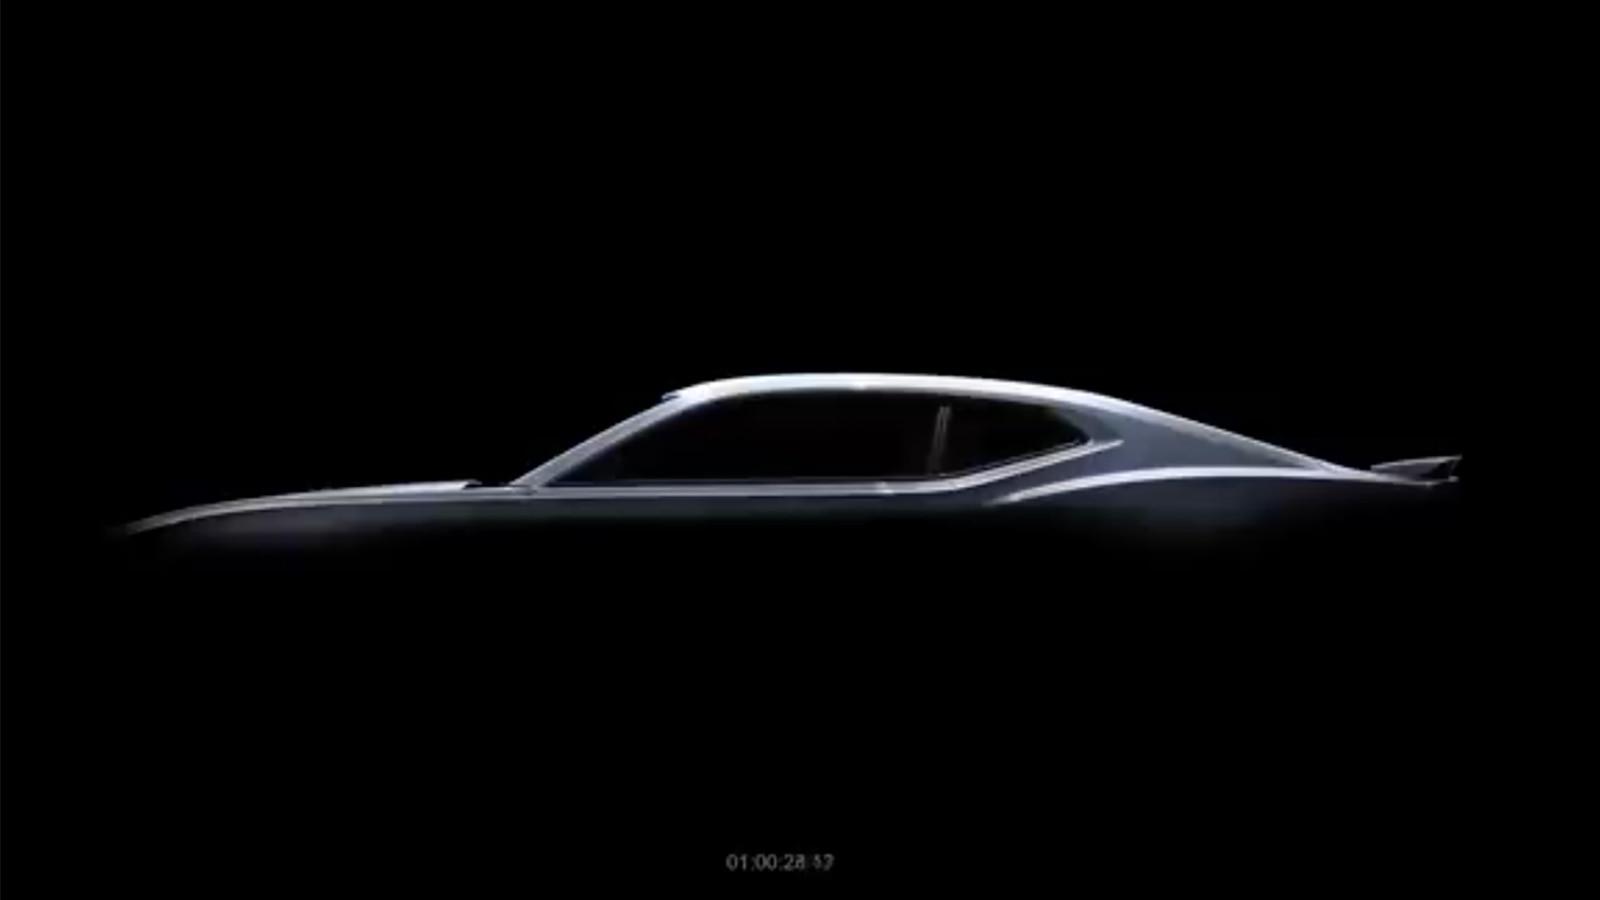 Chevrolet Camaro Edición 50 Aniversario - Video: Generaciones